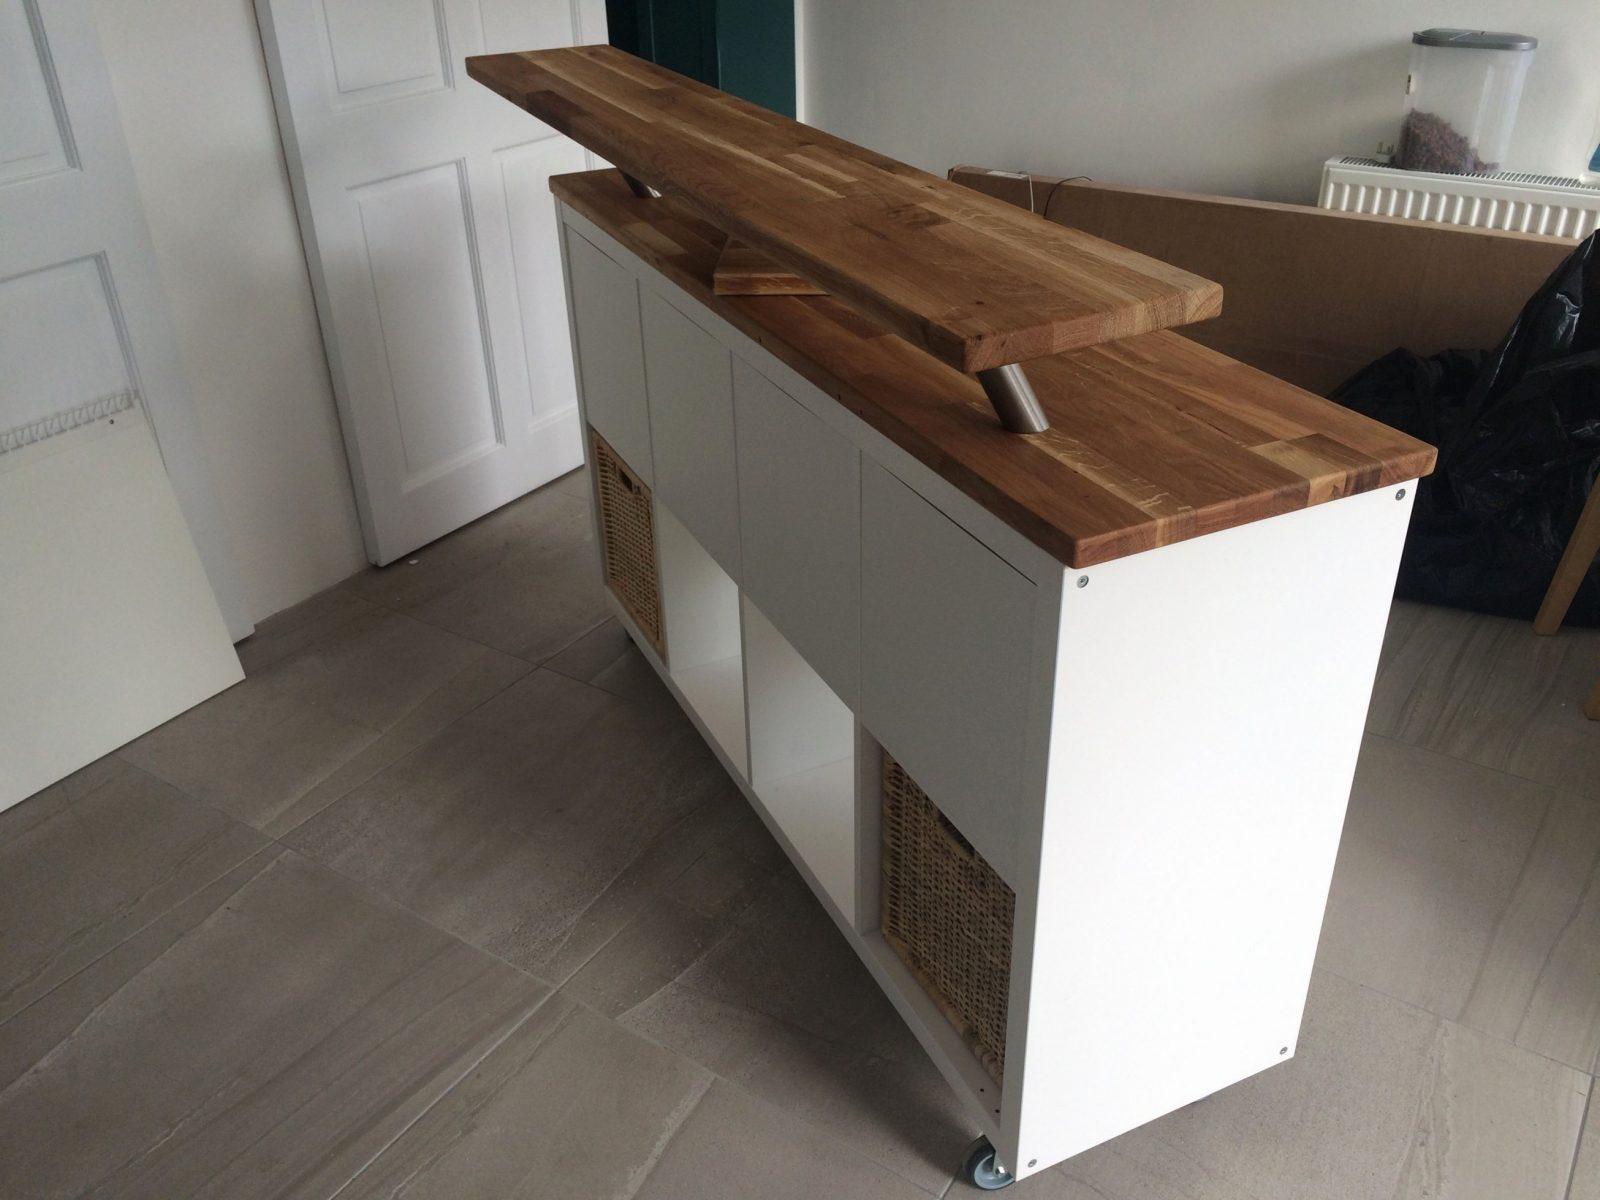 Theke Selber Bauen Ikea Einzigartig Küche Mit Kochinsel Und Best Of von Theke Selber Bauen Ikea Bild